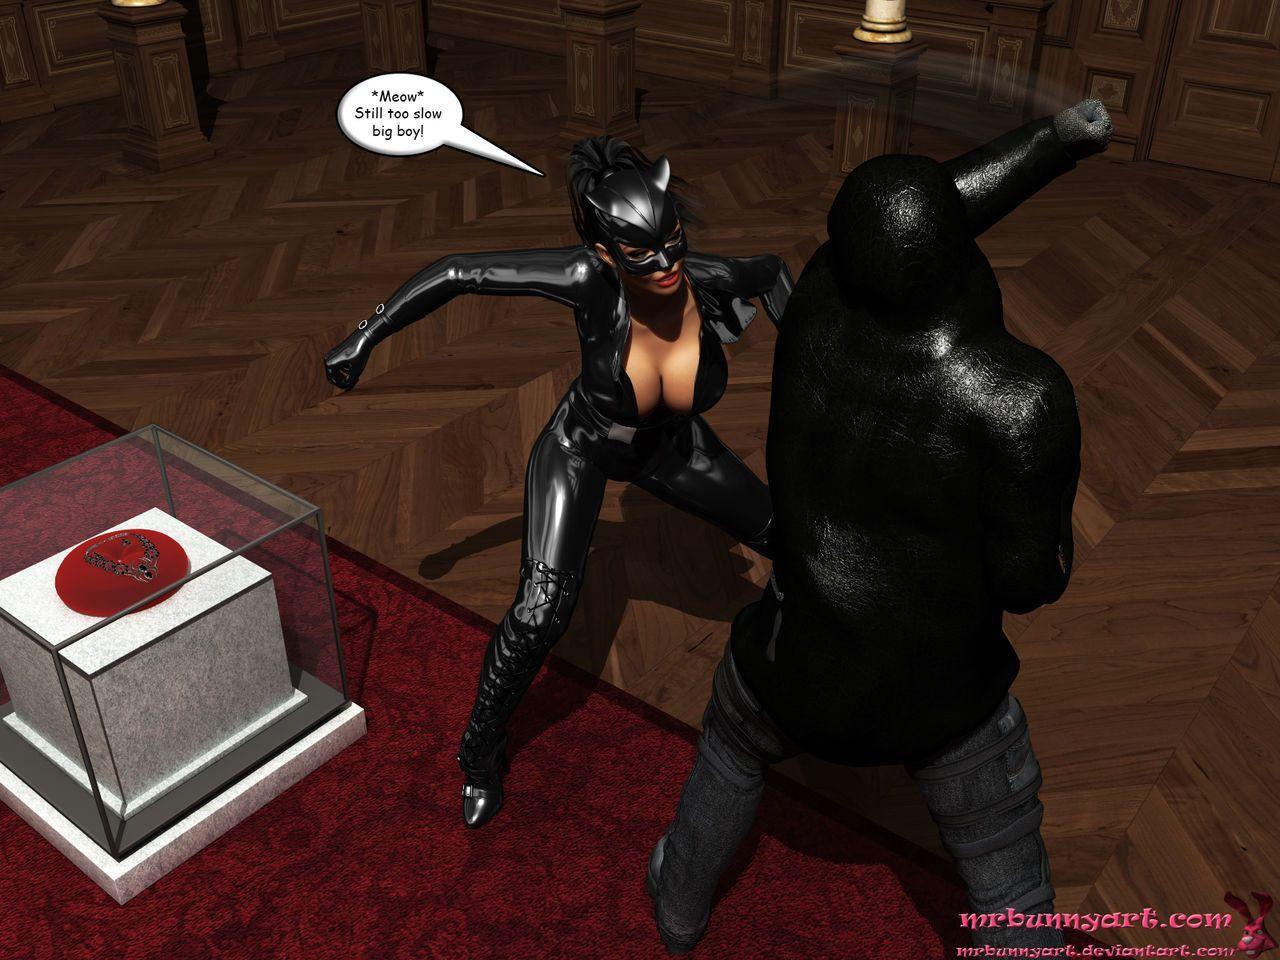 [MrBunnyArt] Cain vs Catwoman